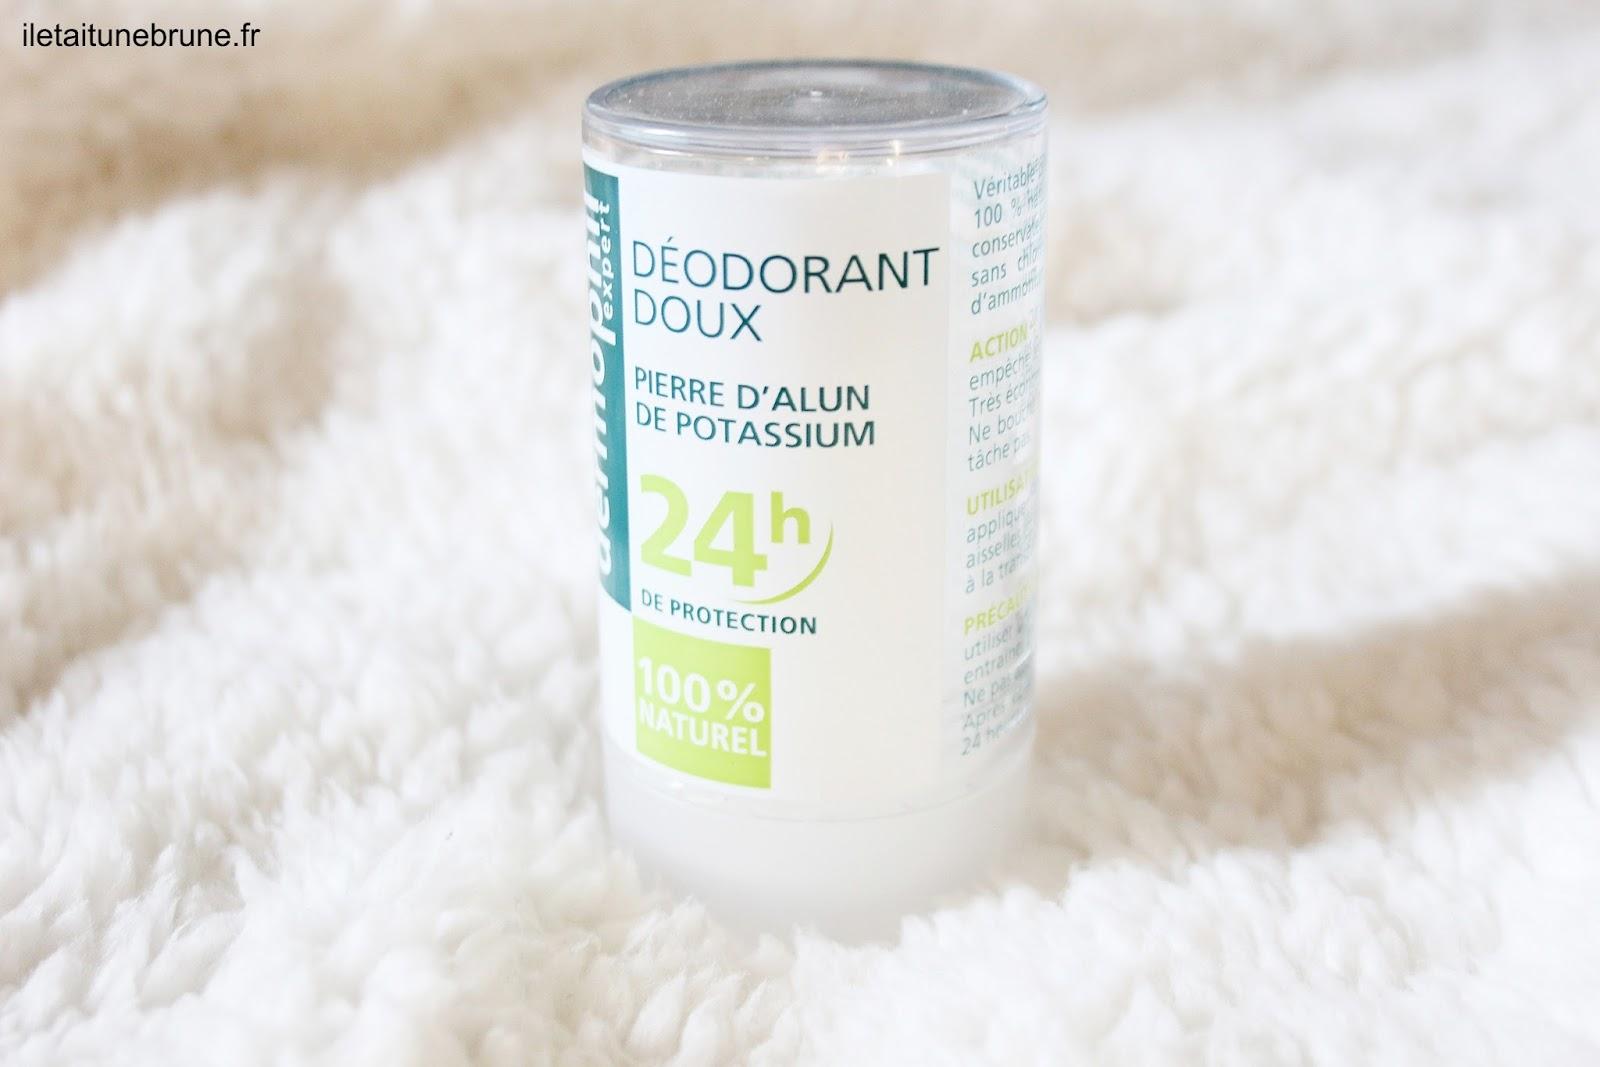 déodorant naturel, pierre d'alun